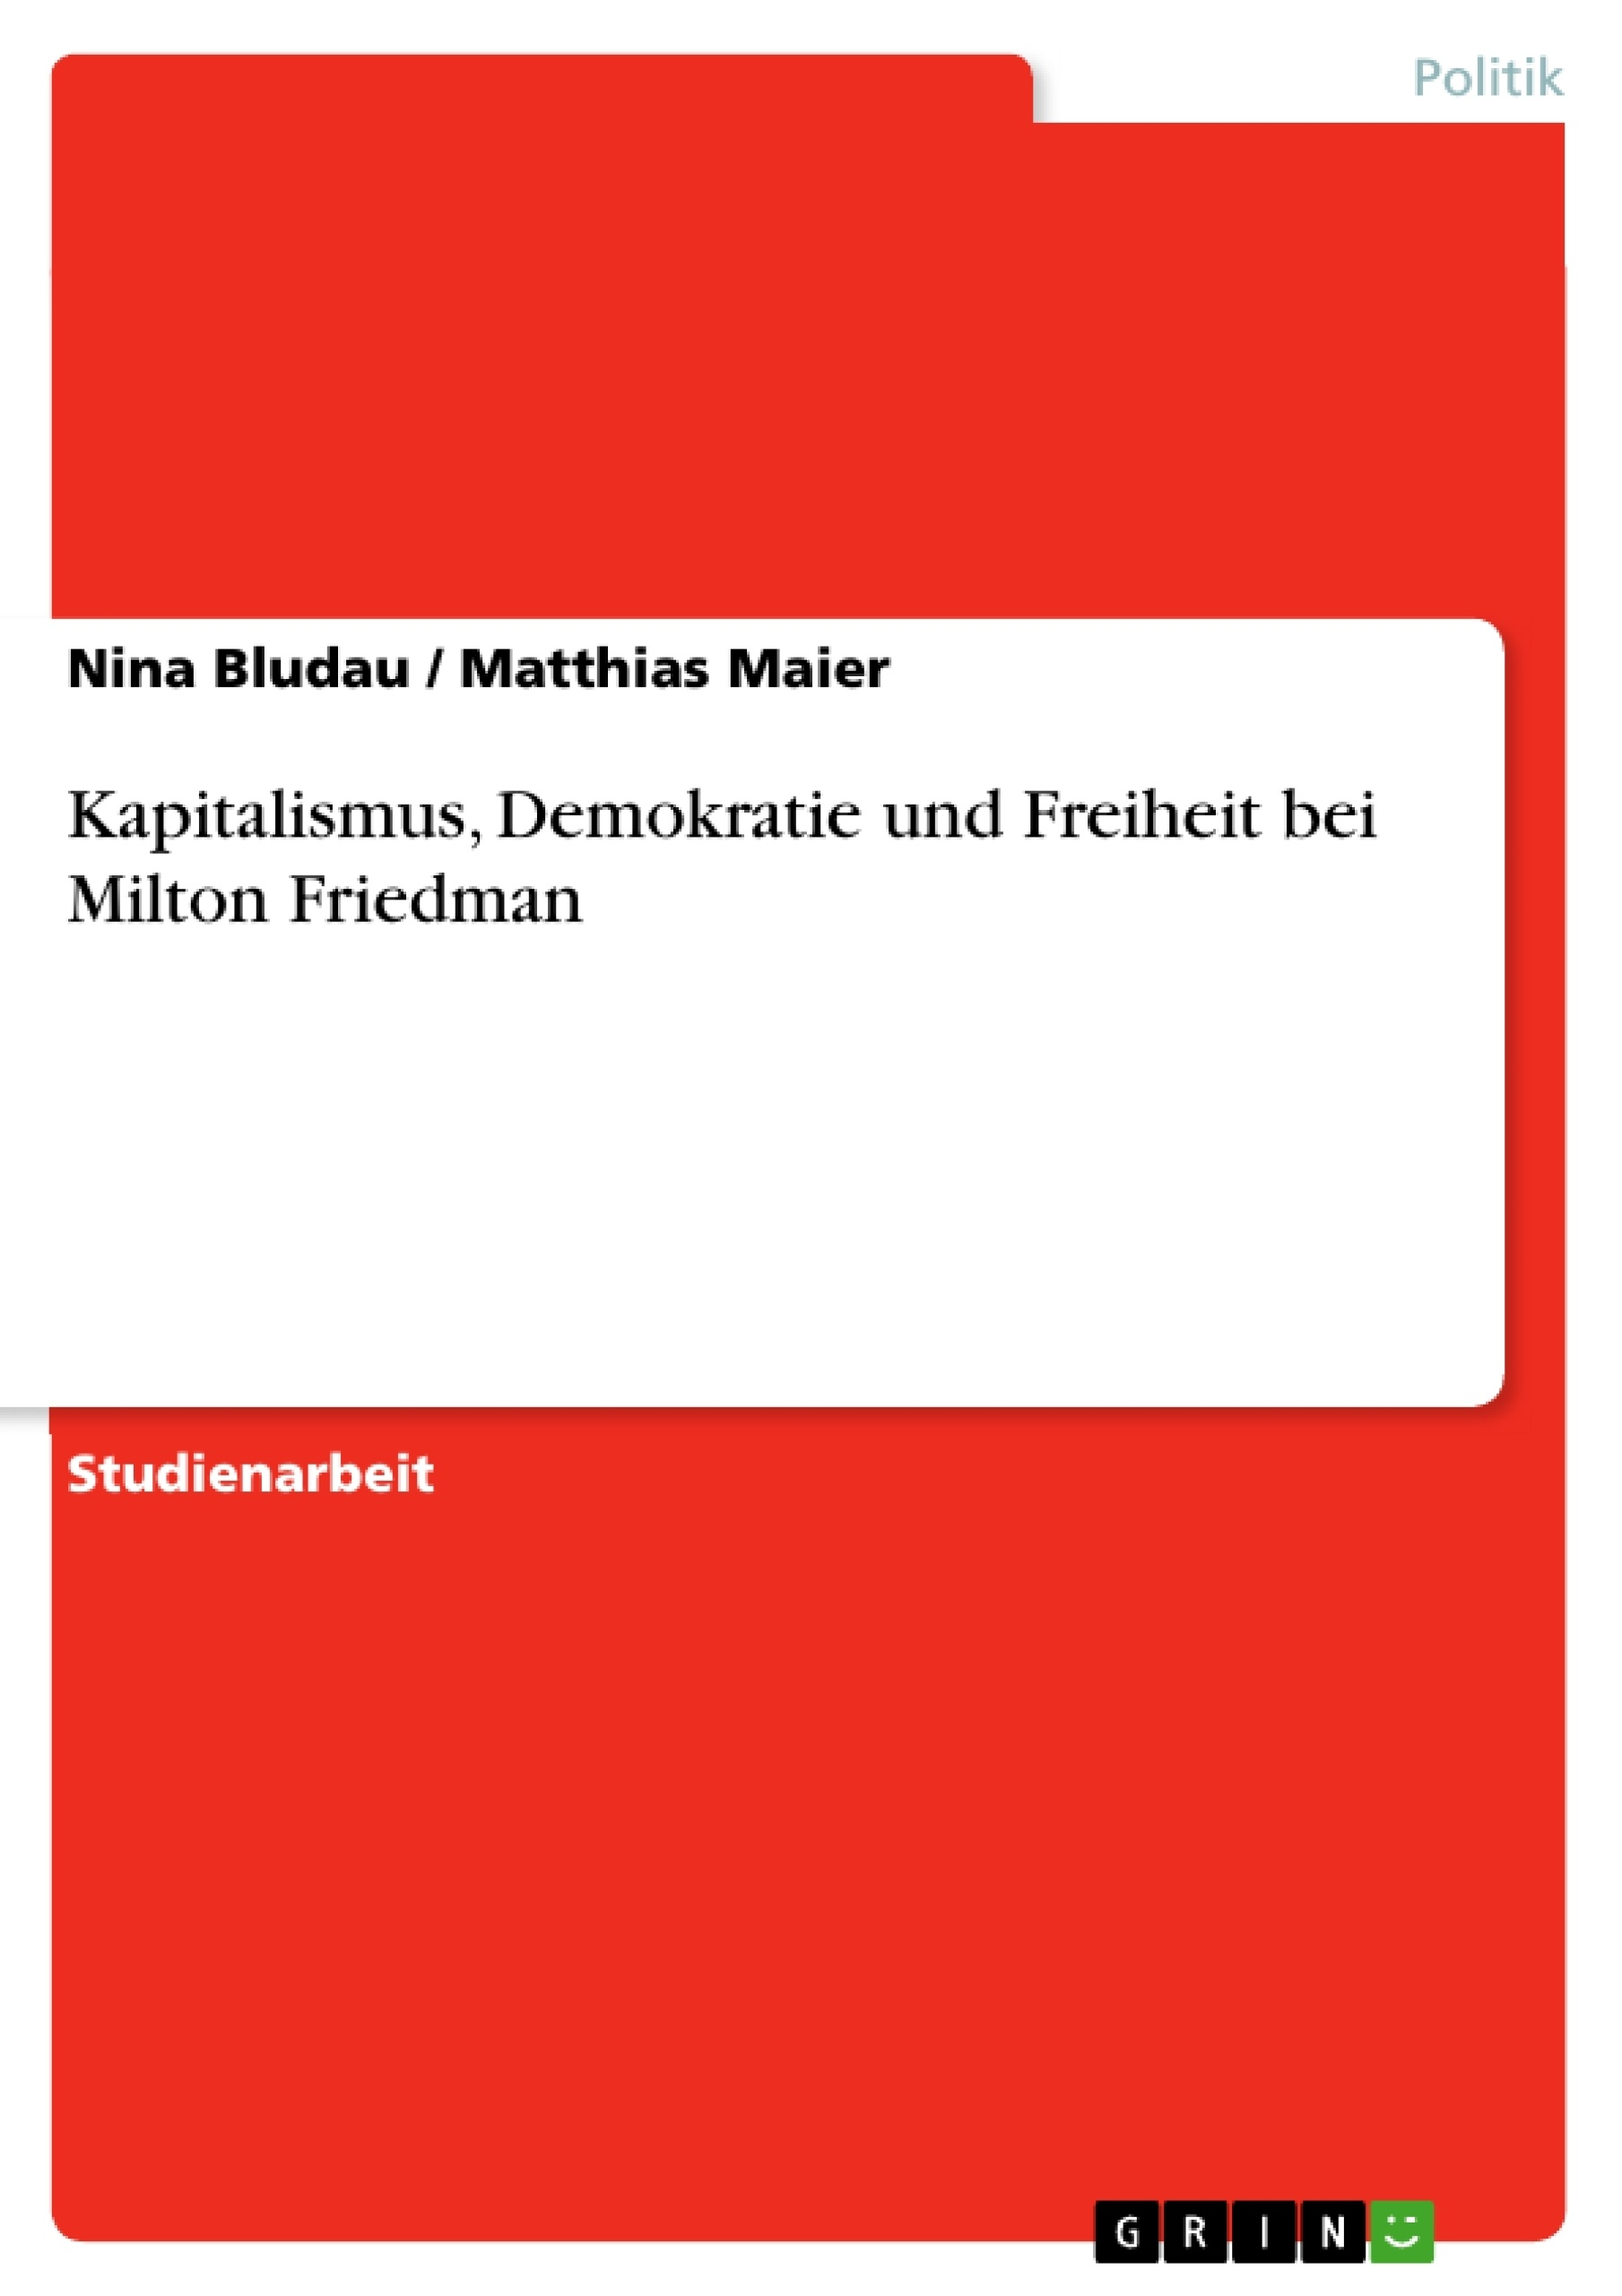 Titel: Kapitalismus, Demokratie und Freiheit bei Milton Friedman